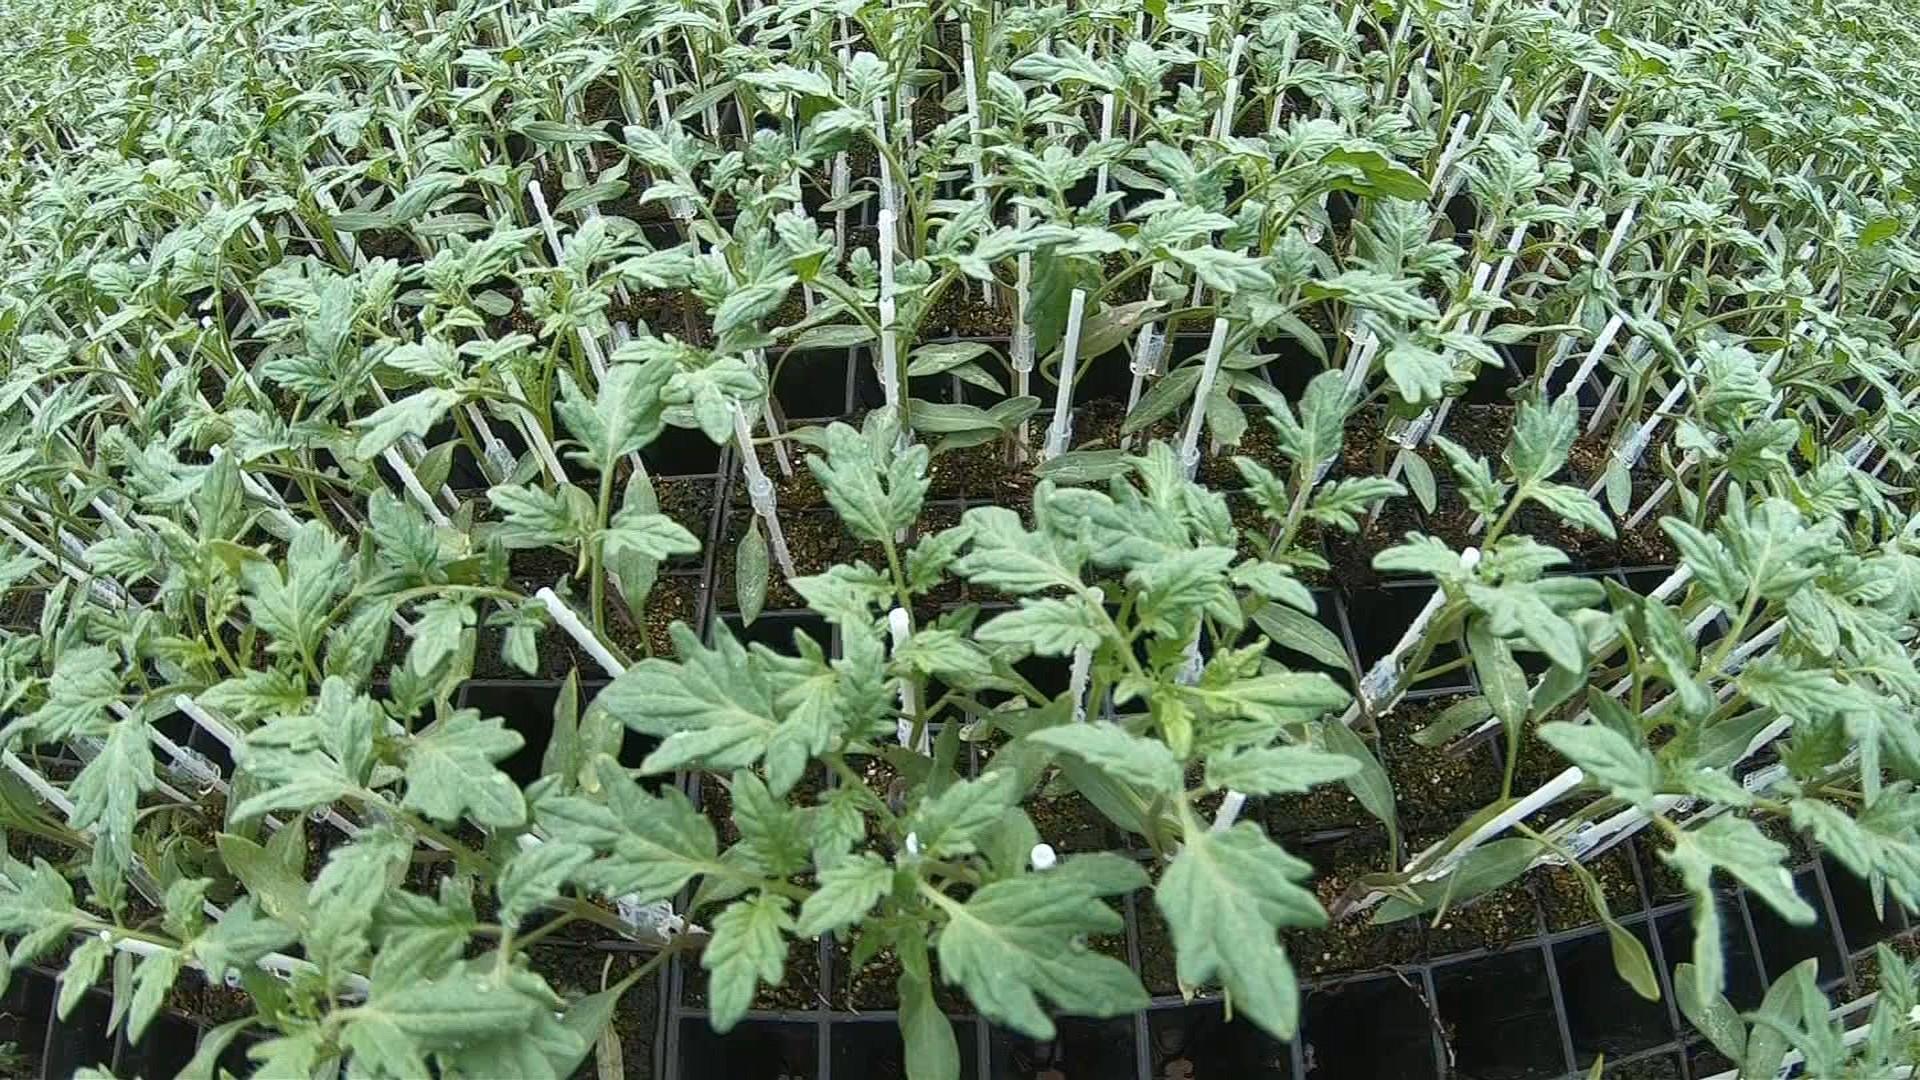 Qualidade das mudas pode fazer grande diferença na plantação - Notícias - Plantão Diário